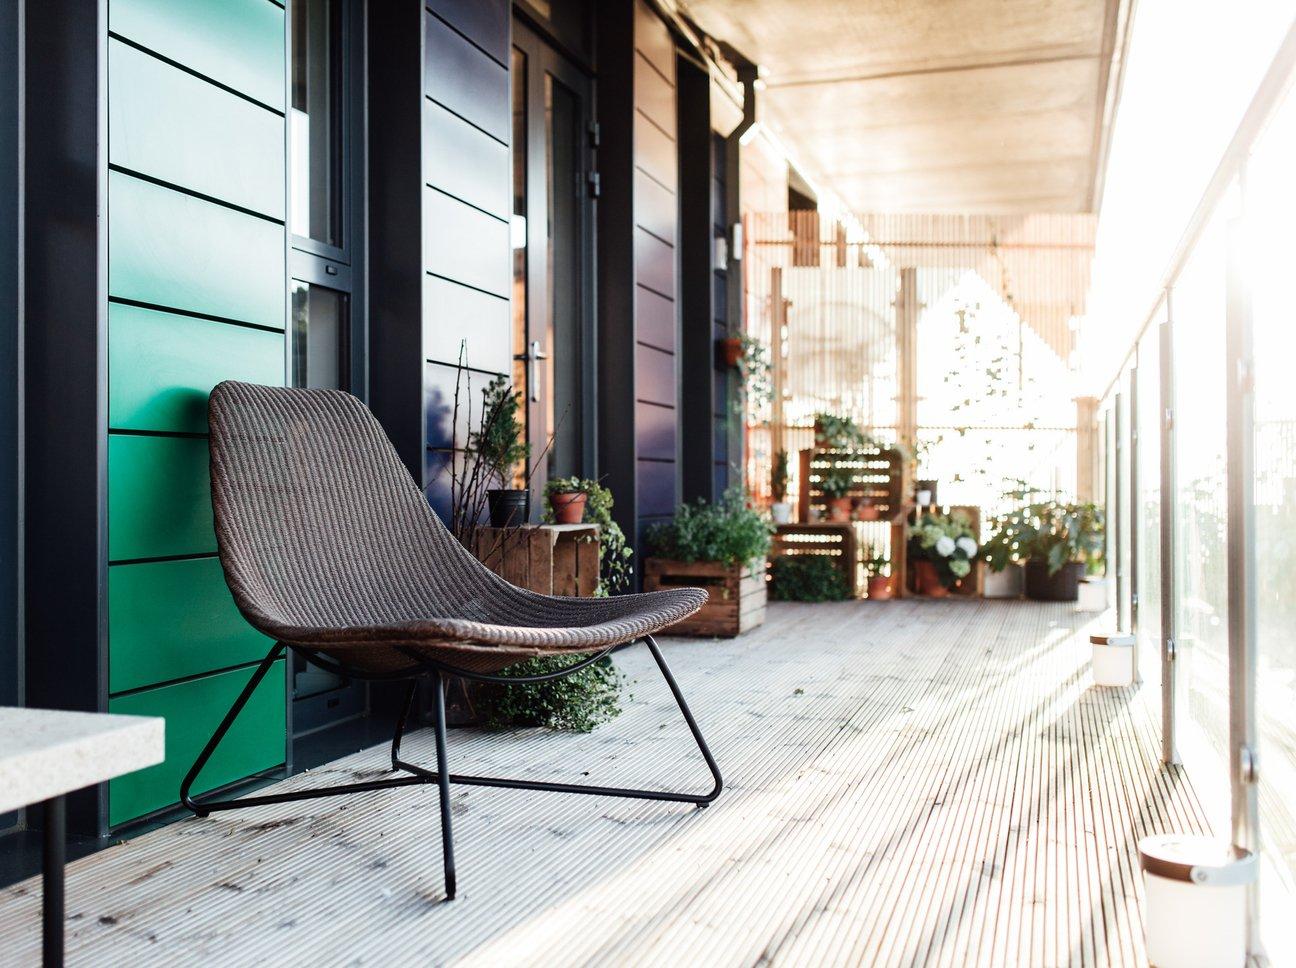 Full Size of Modern Loungemöbel Outdoor Balkon Gestalten Mit Diesen 7 Deko Tipps Klappt Es Moderne Deckenleuchte Wohnzimmer Deckenlampen Bilder Küche Holz Kaufen Wohnzimmer Modern Loungemöbel Outdoor